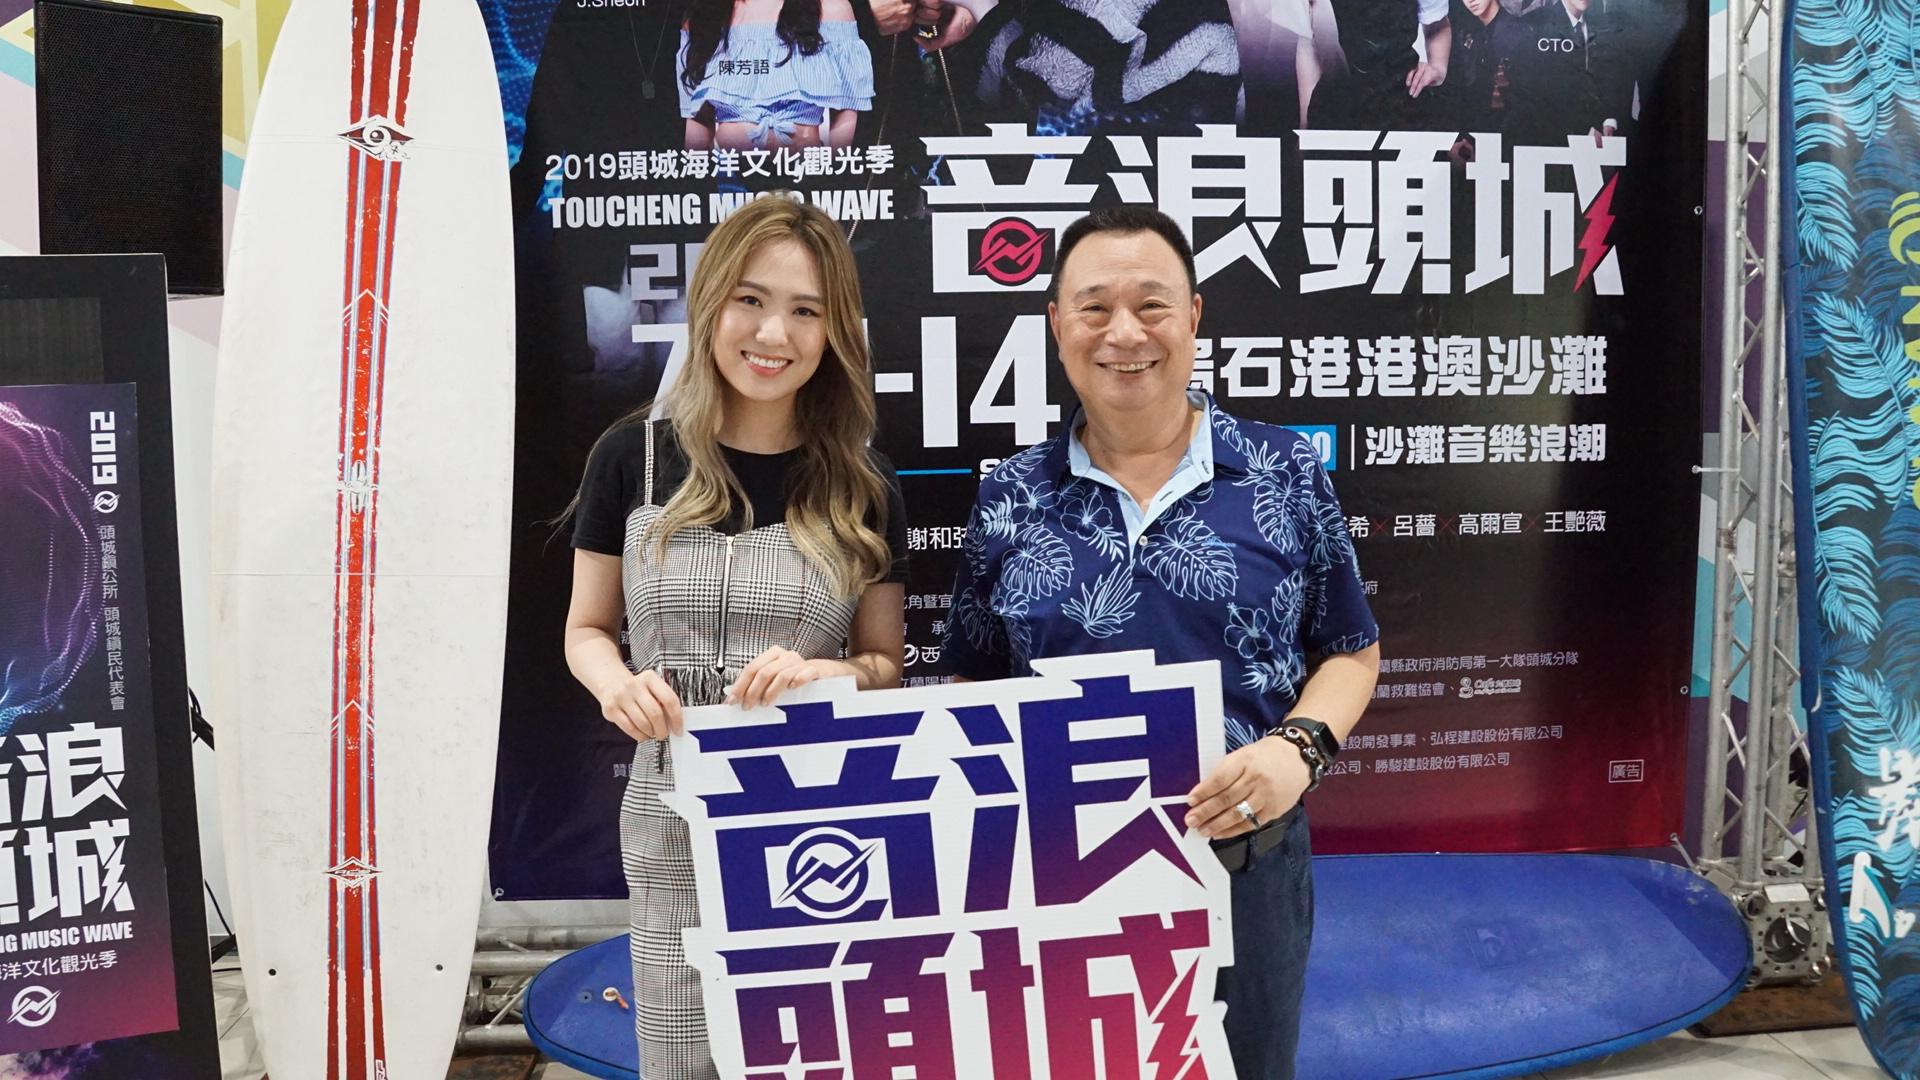 2019音浪頭城記者會